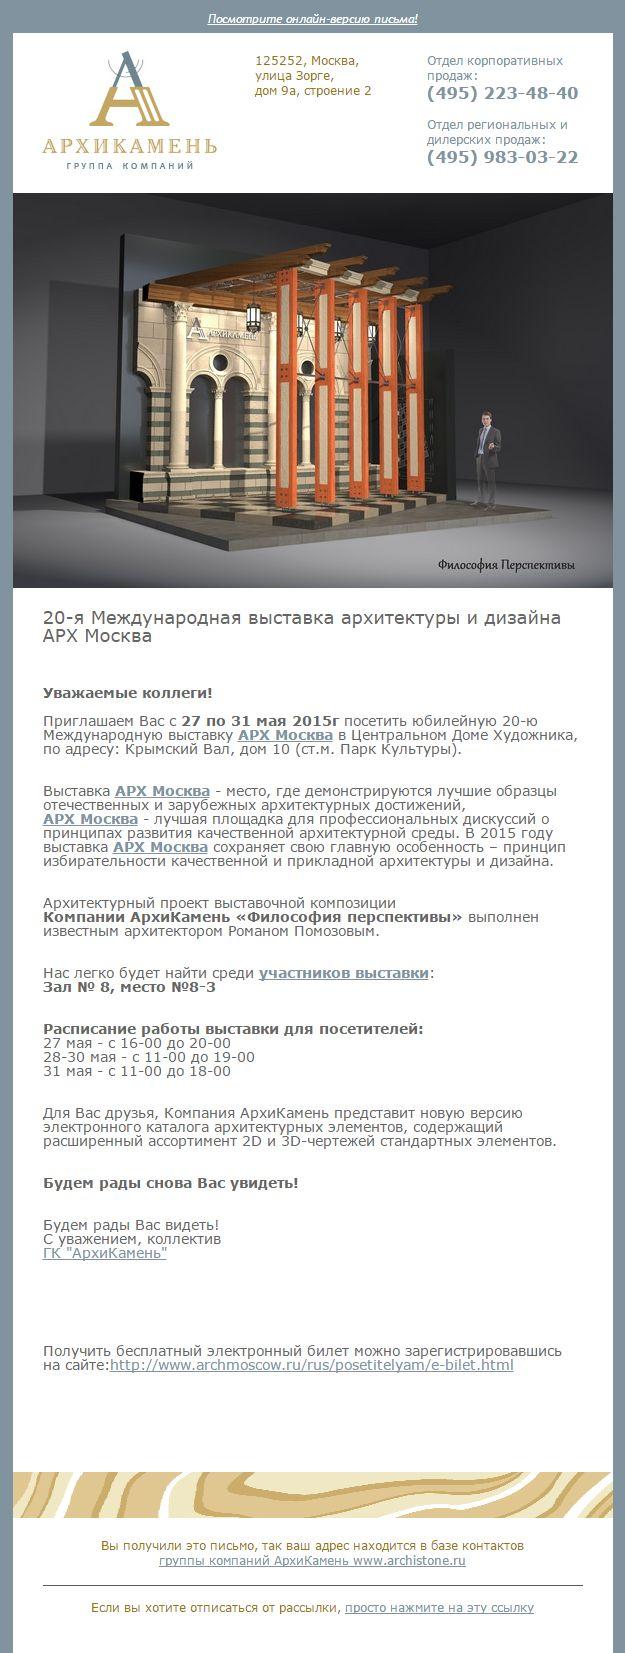 """Рассылка компании """"Архикамень"""" - приглашение на стенд компании для клиентов и контрагентов"""